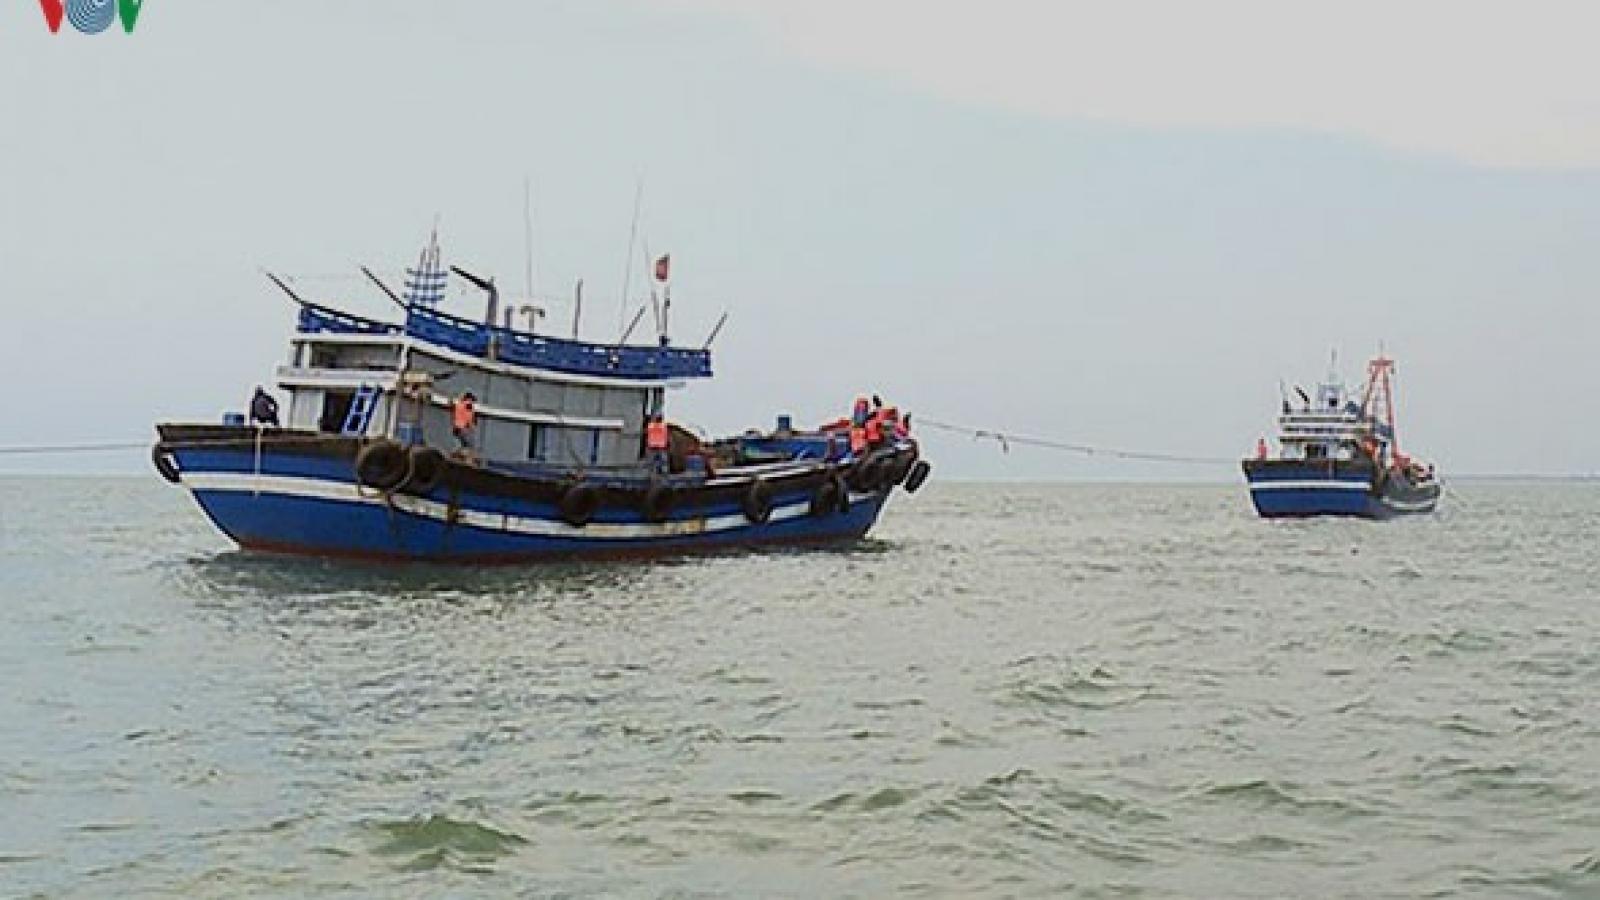 Liên tiếp bắt giữ 4 tàu giã cào khai thác thủy sản trái phép